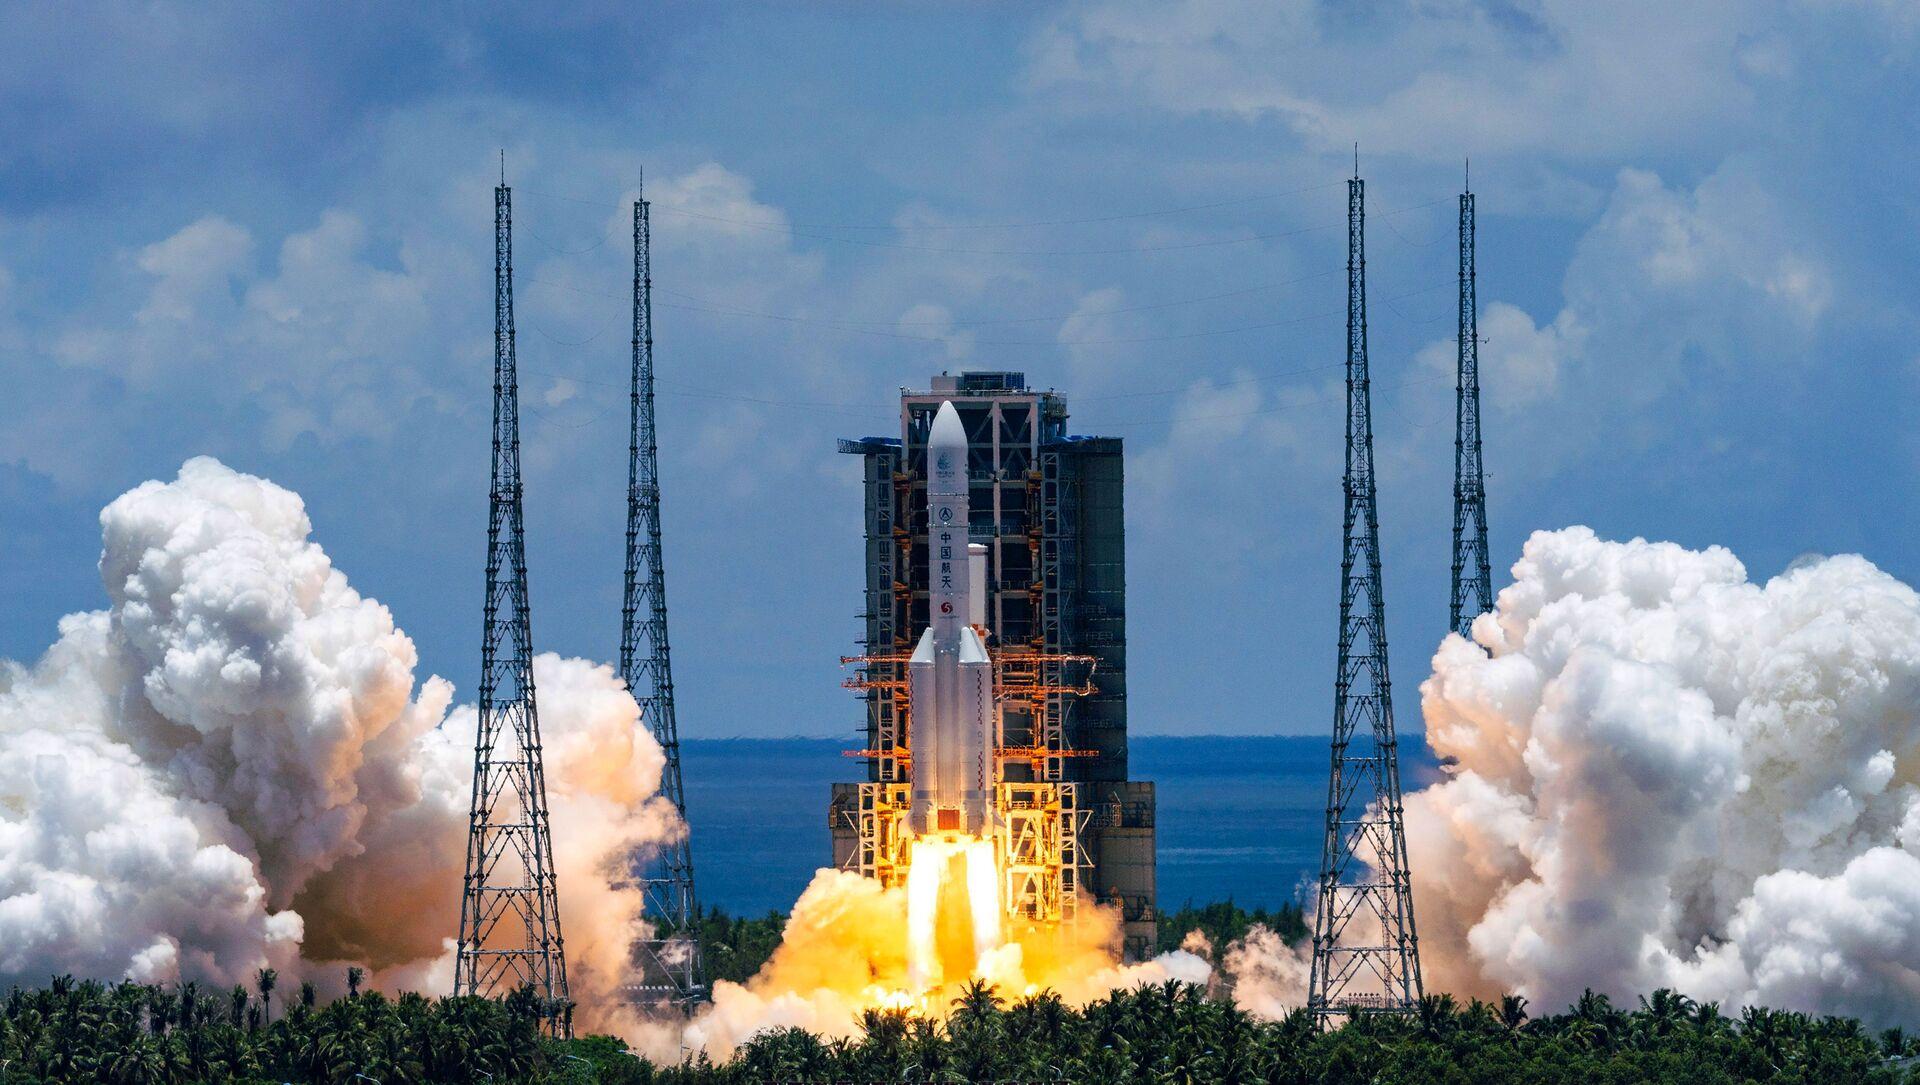 Il lancio del razzo cinese Lunga Marcia 5, luglio 23 del 2020 - Sputnik Italia, 1920, 09.05.2021